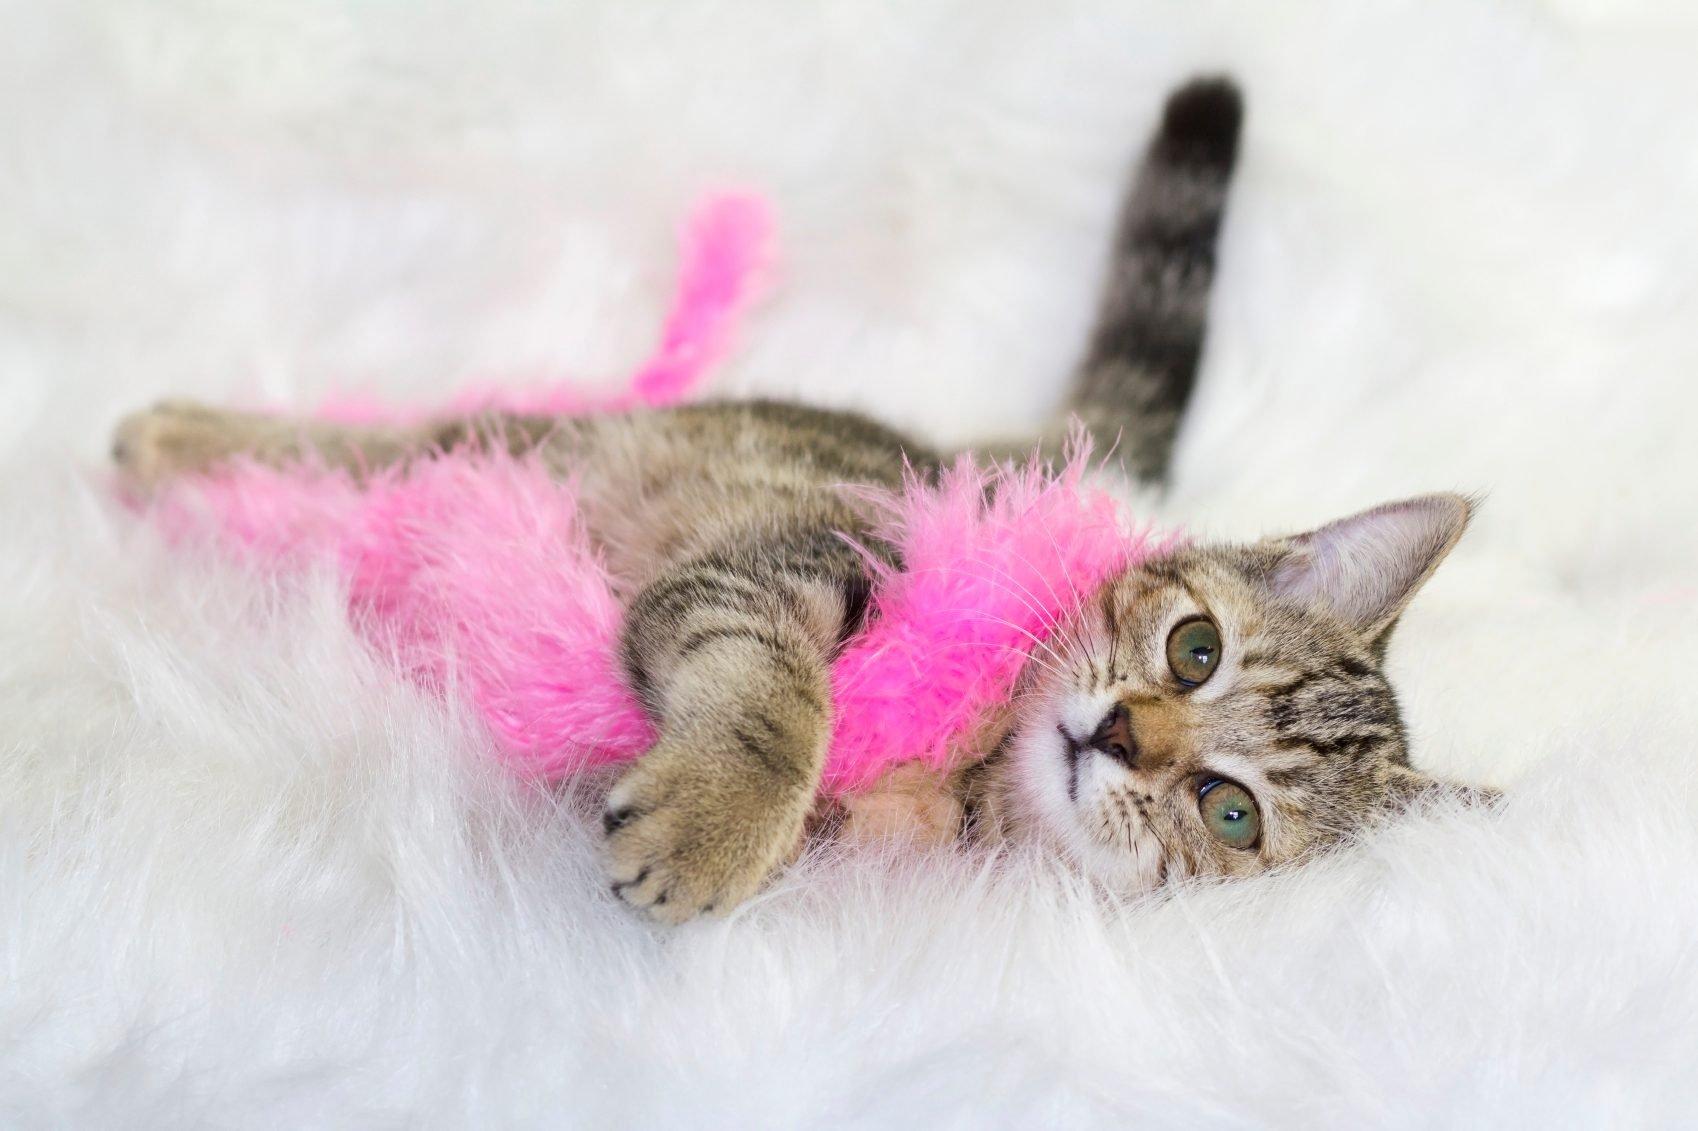 11. Les chats apprennent vite à ronronner